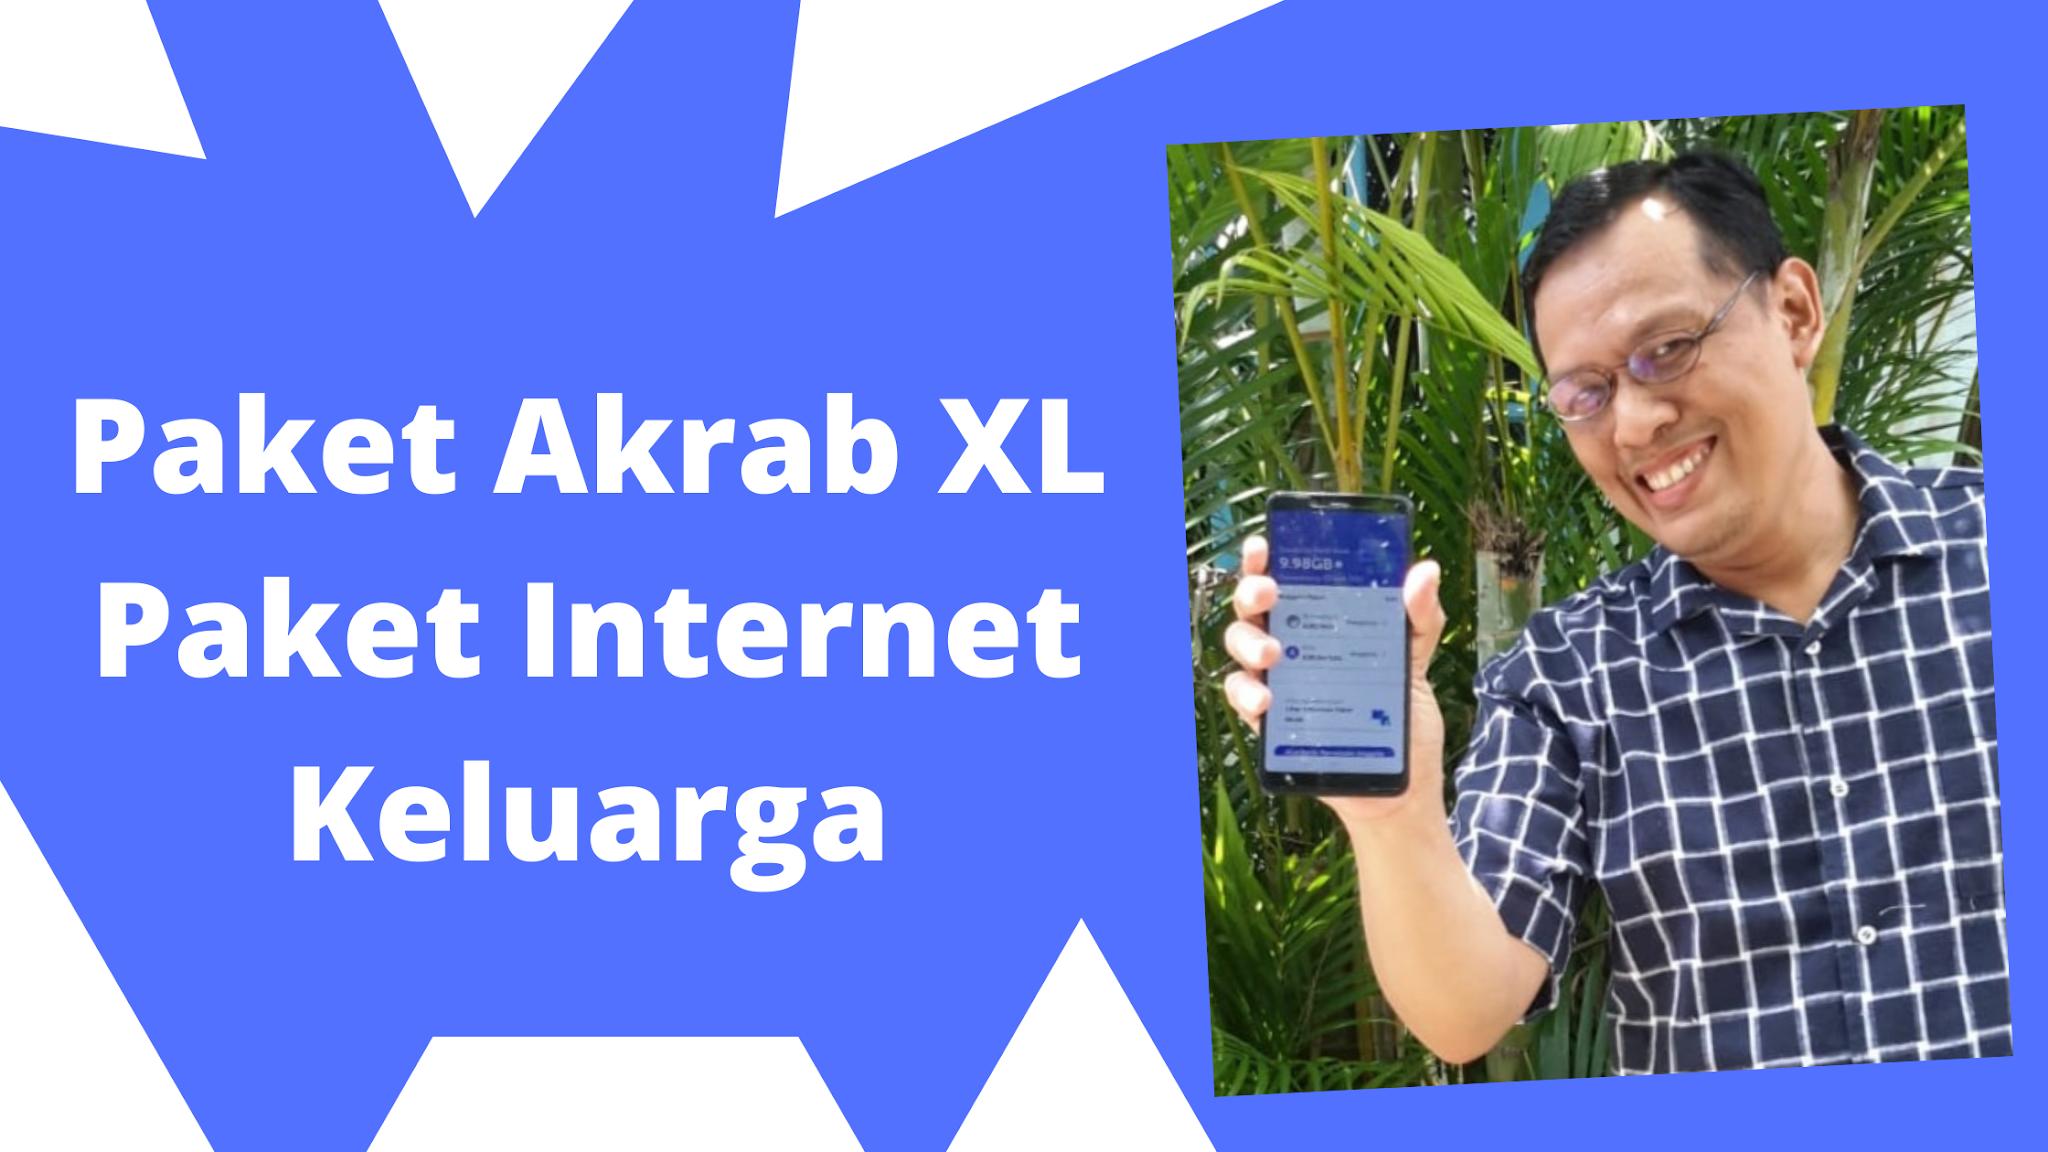 Paket Akrab XL Paket Internet Keluarga - Bambang Irwanto Ripto